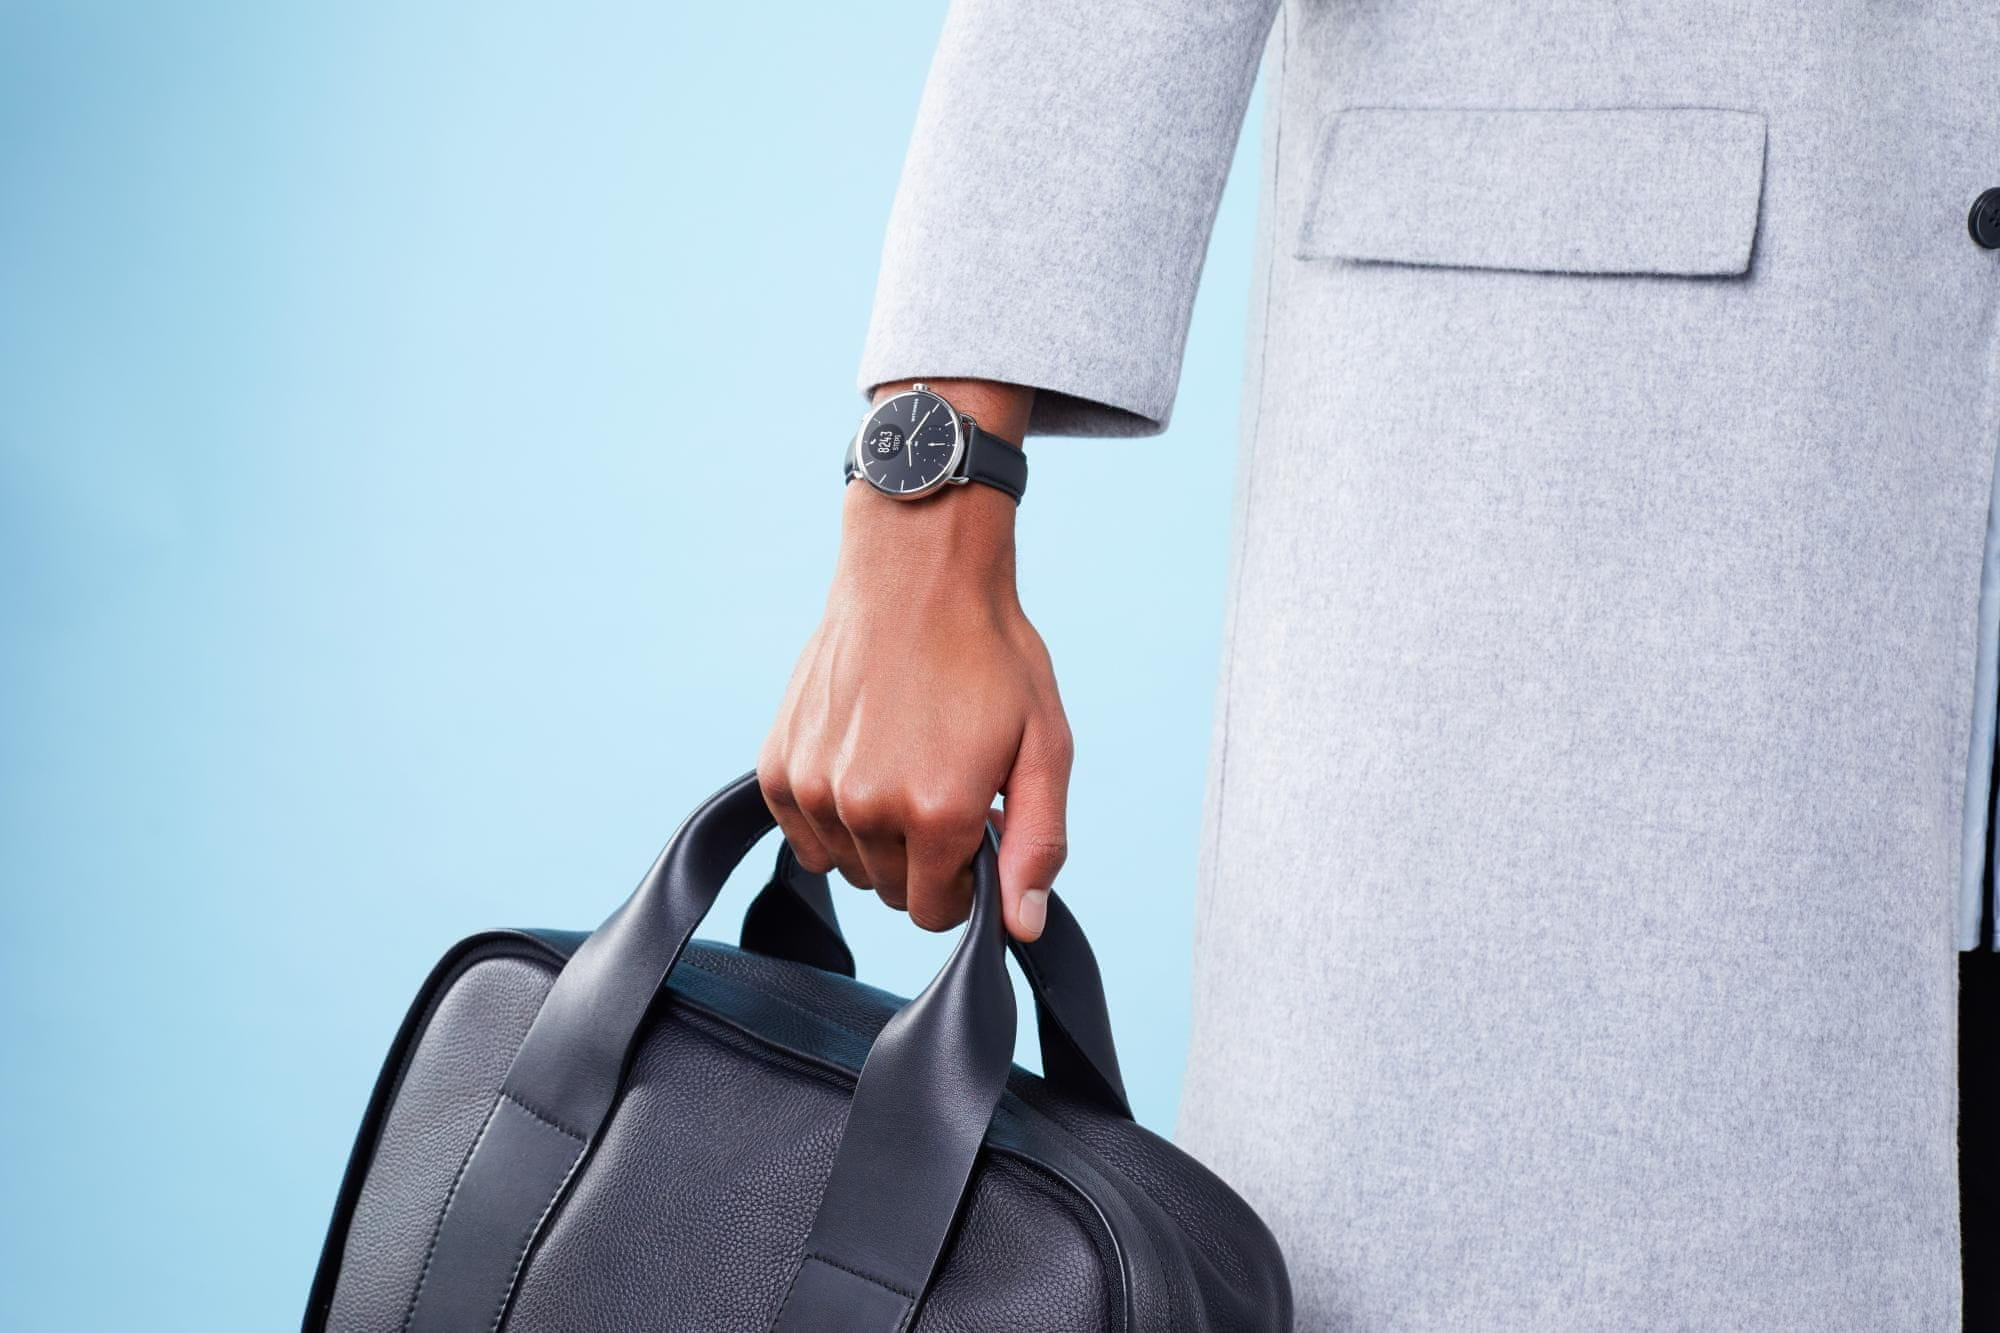 Inteligentné hodinky Withings Scanwatch 38mm, dlhá výdrž batérie, GPS, schody, výškomer, plávanie, potápanie, pre zdravie, detekuje fibriláciu predsiení, srdcový rytmus, spánková apnoe